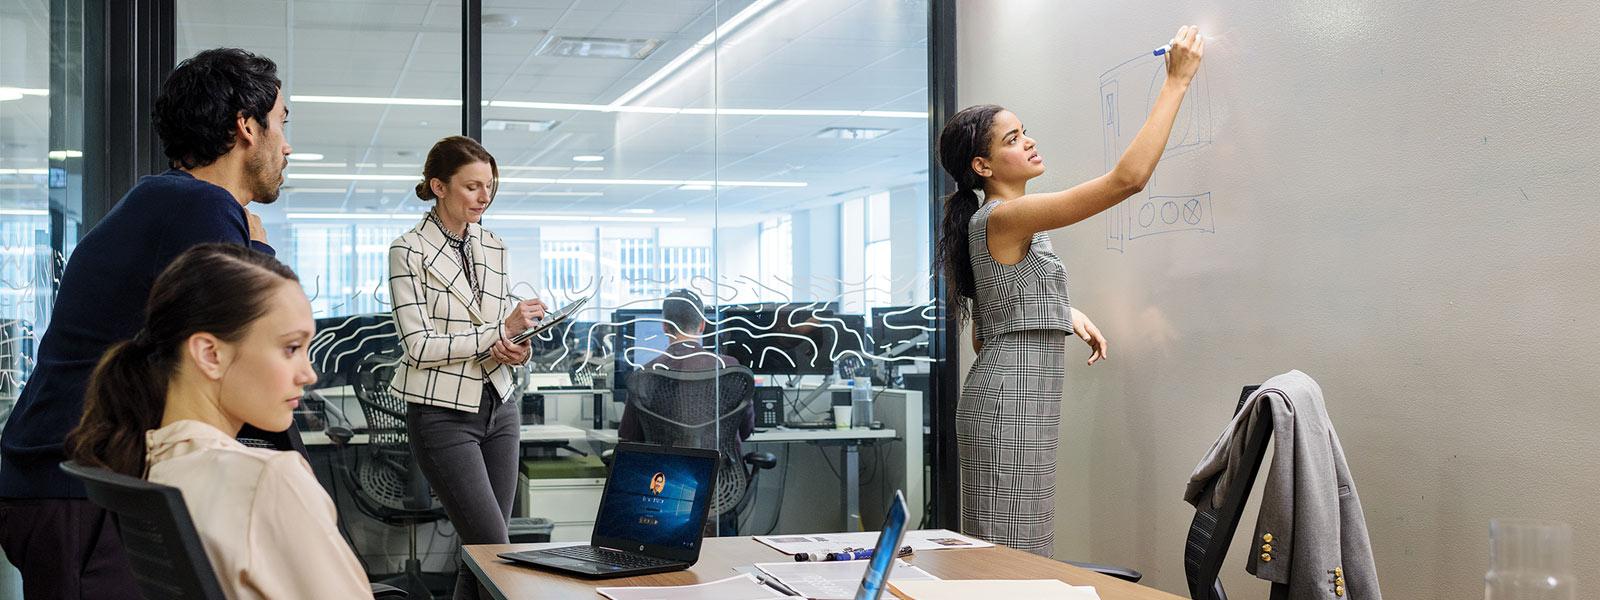 女人在白板上寫字,其他人看著裝置